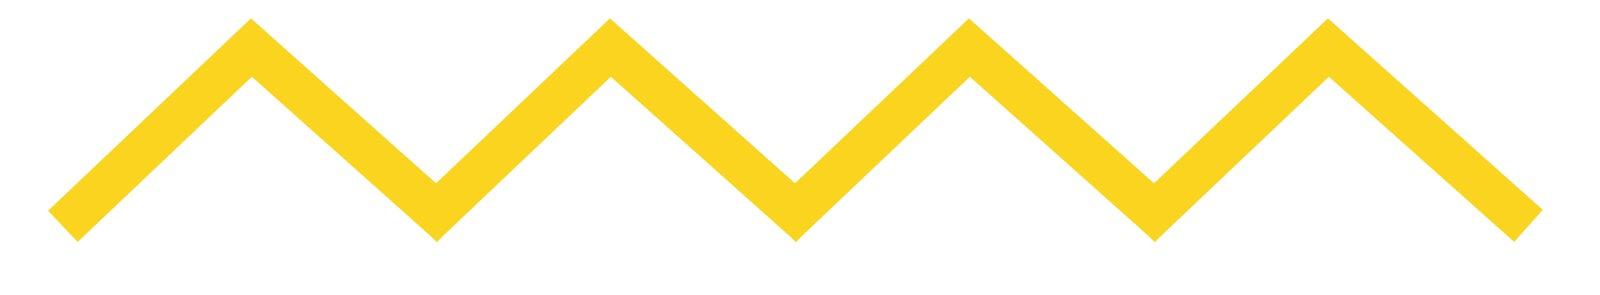 Línea amarilla en zig zag